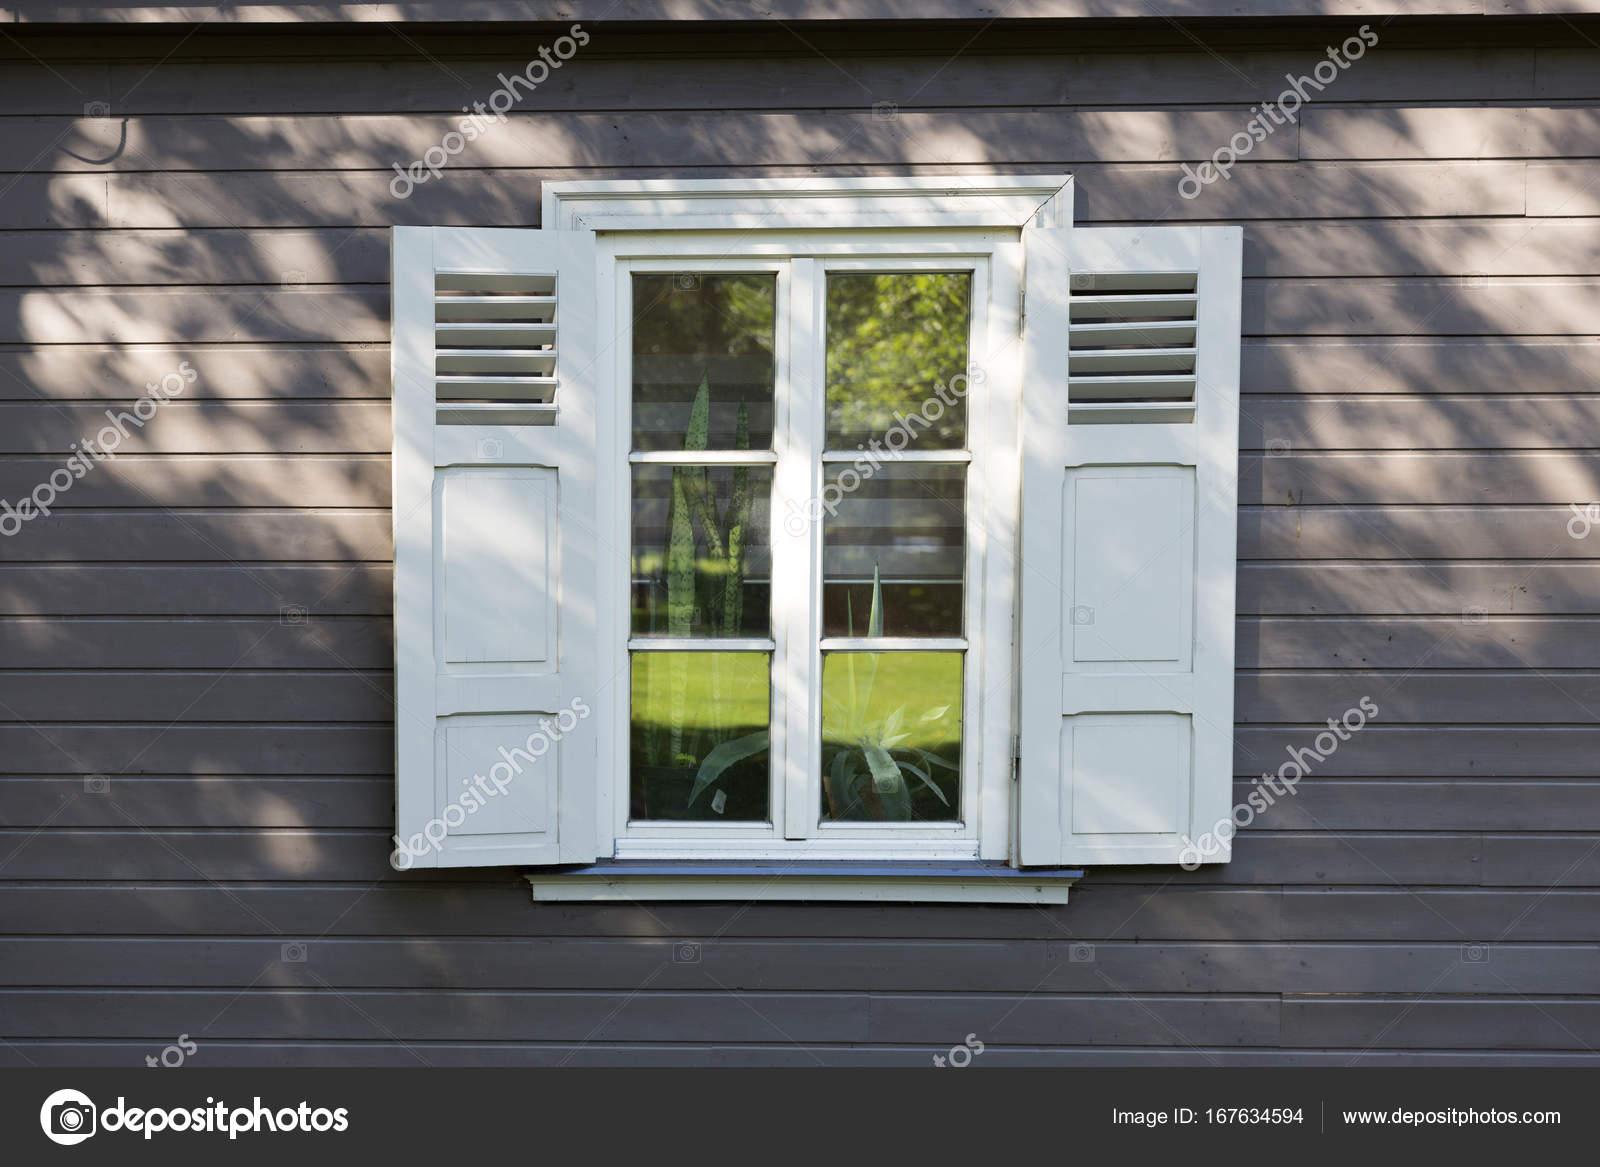 Petite Fenêtre Blanche Vintage Avec Des Volets En Bois Mur